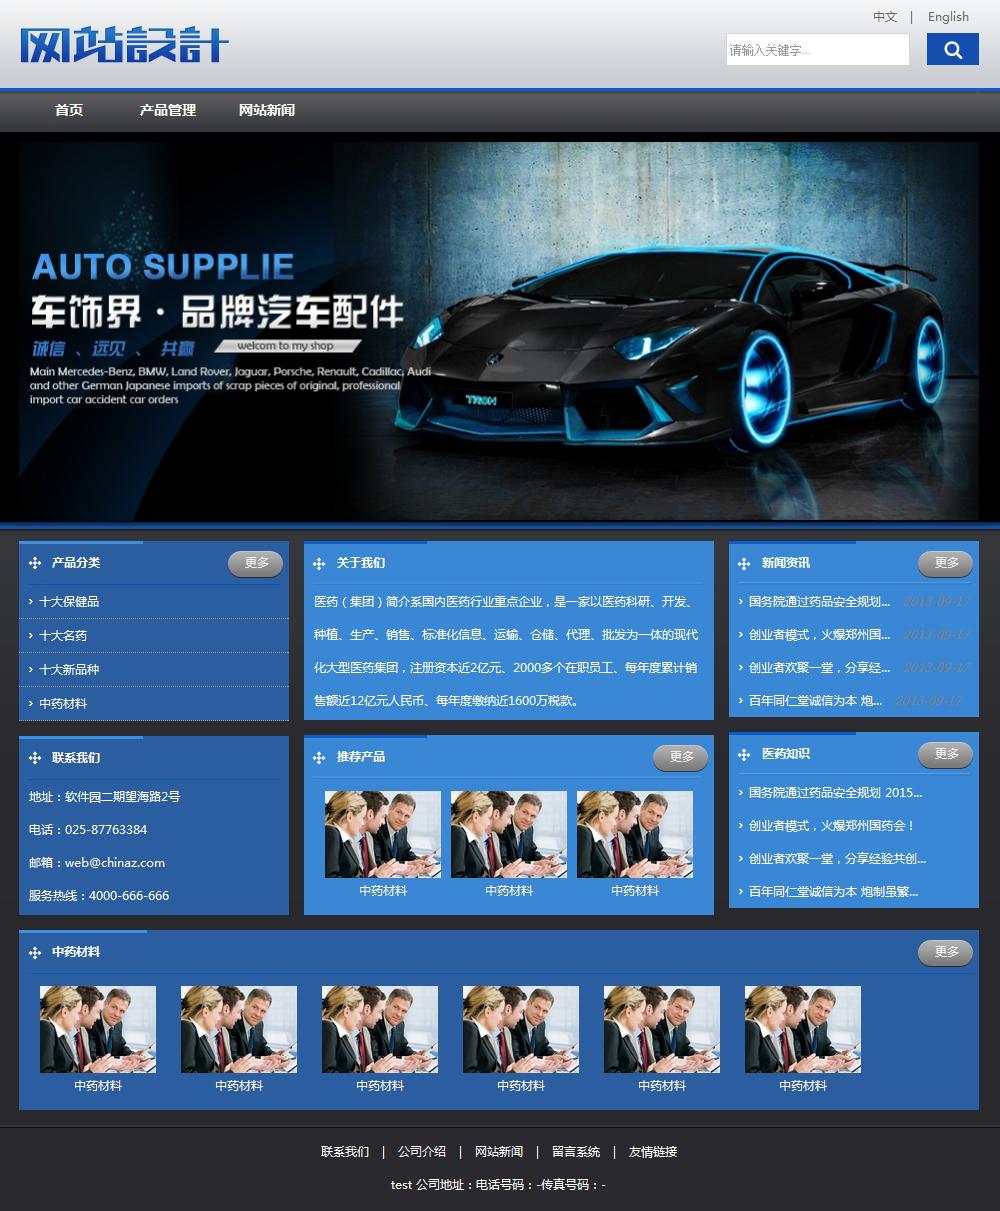 蓝黑色汽车配件网站设计L